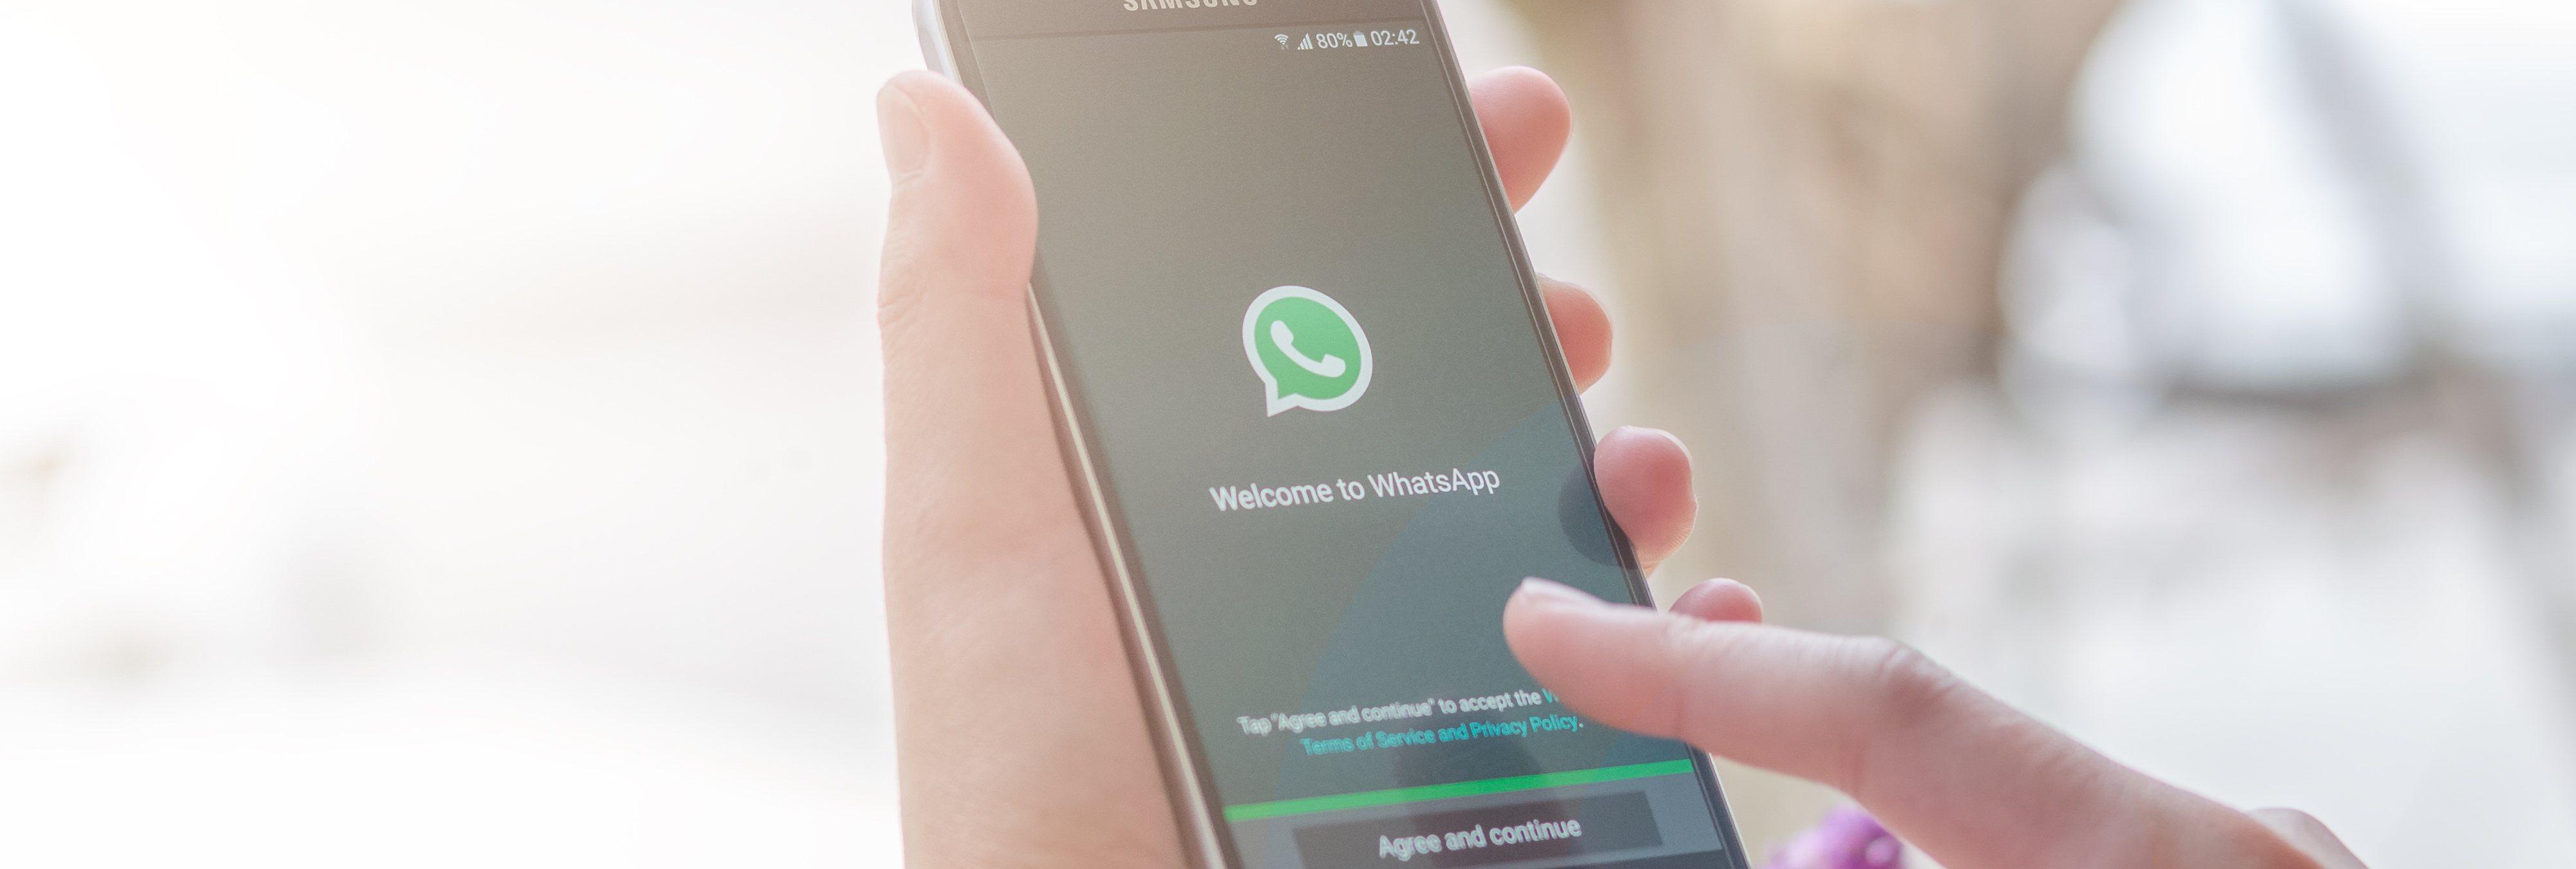 Nueva función en WhatsApp: mensajes que se autodestruyen en el plazo indicado